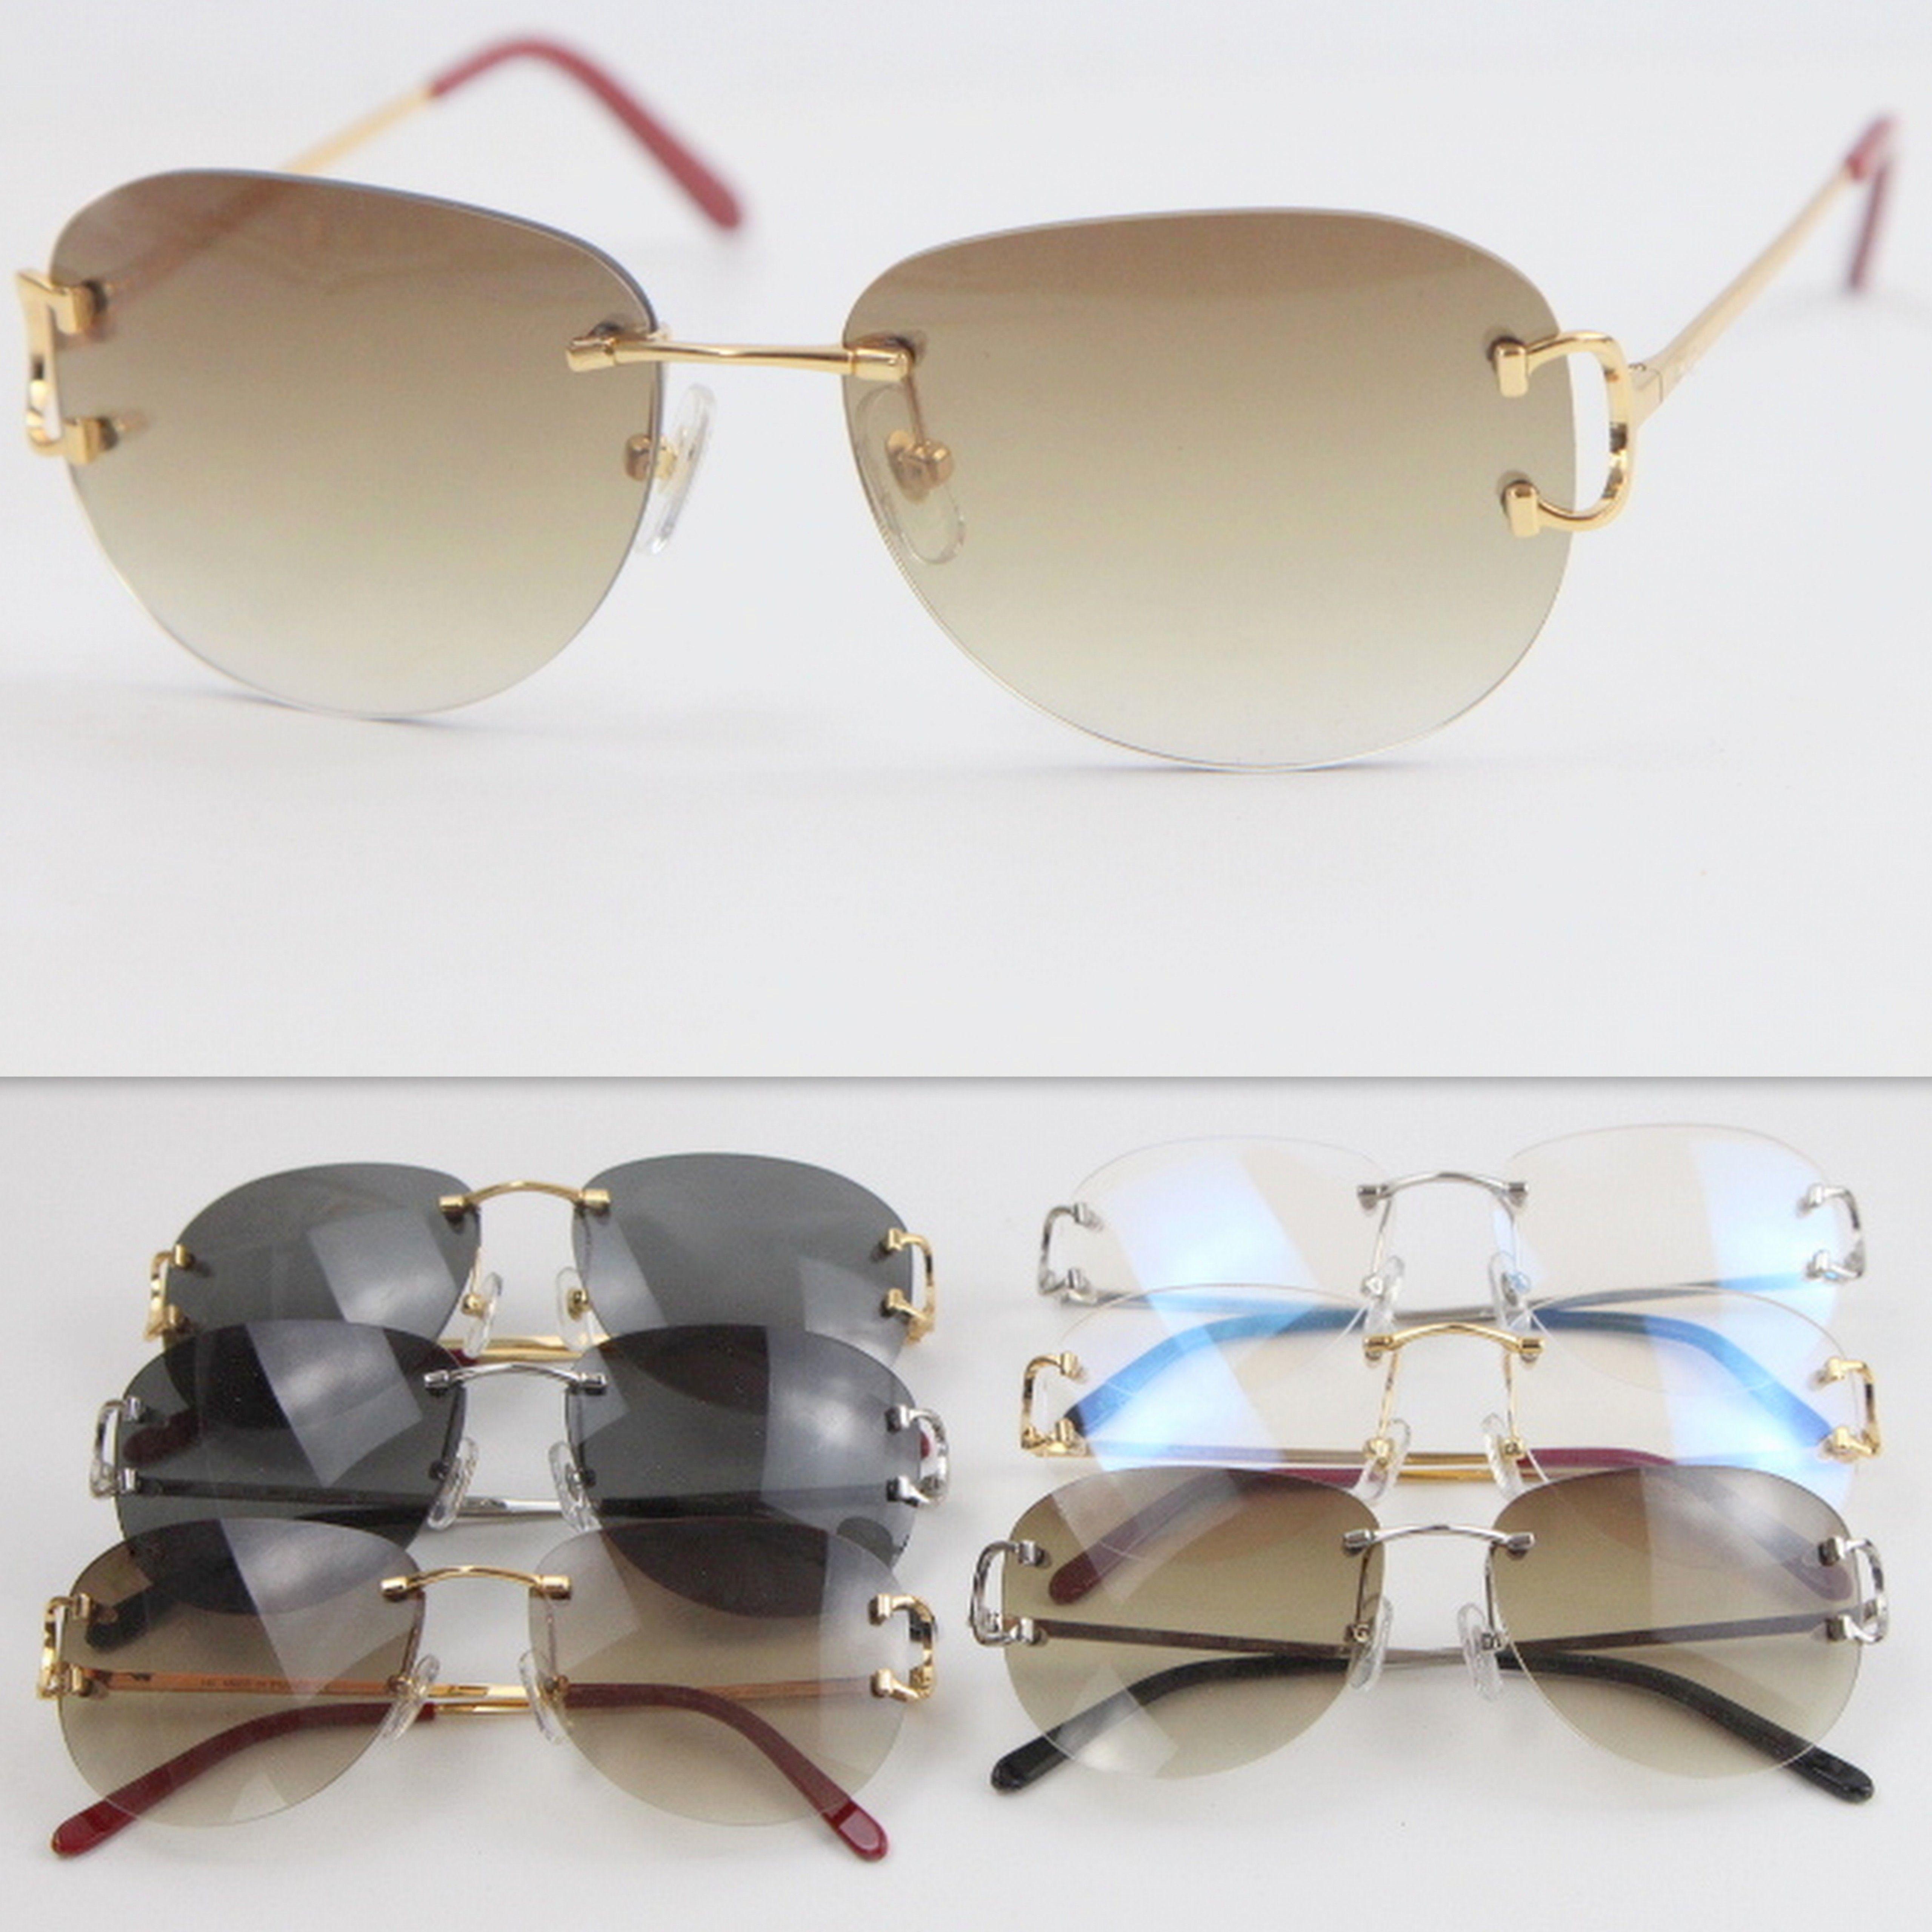 الموضة في النظارات الشمسية UV400 حماية 4193828 بدون إطار نظارات أزياء الرجال شعبية المرأة نظارات الرياضة في الهواء الطلق القيادة نظارات الساخن